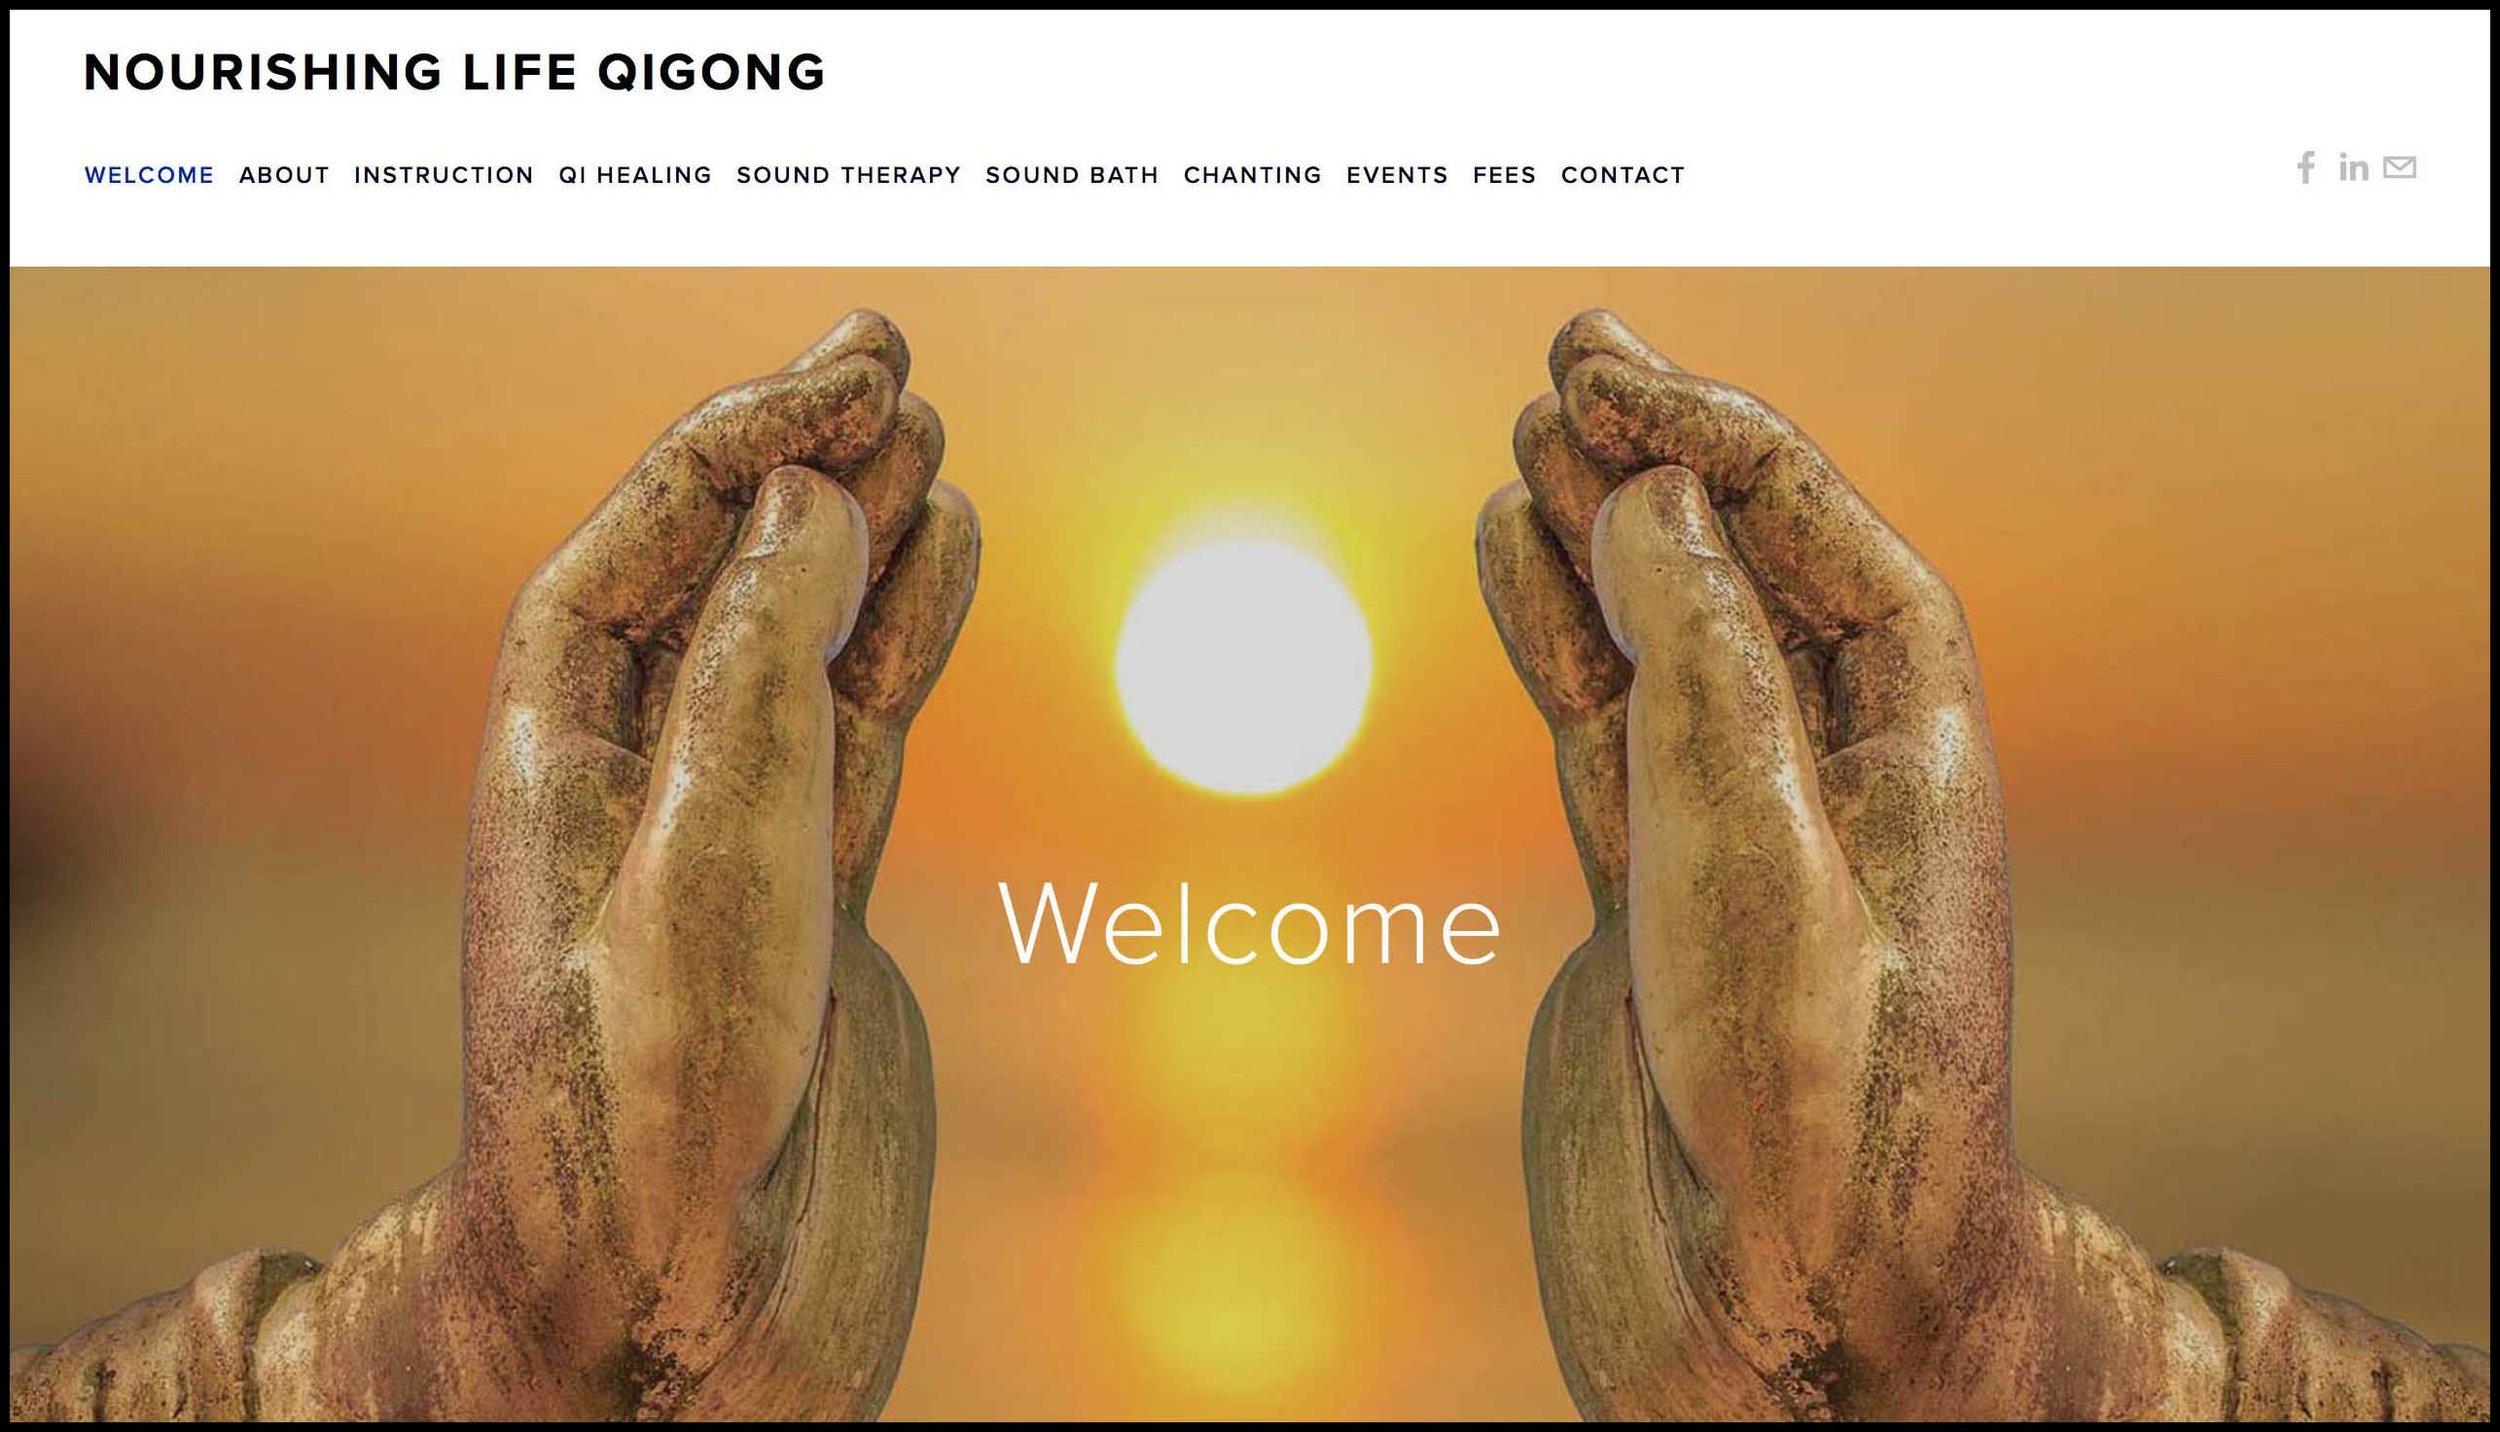 Nourishing Life Qigong